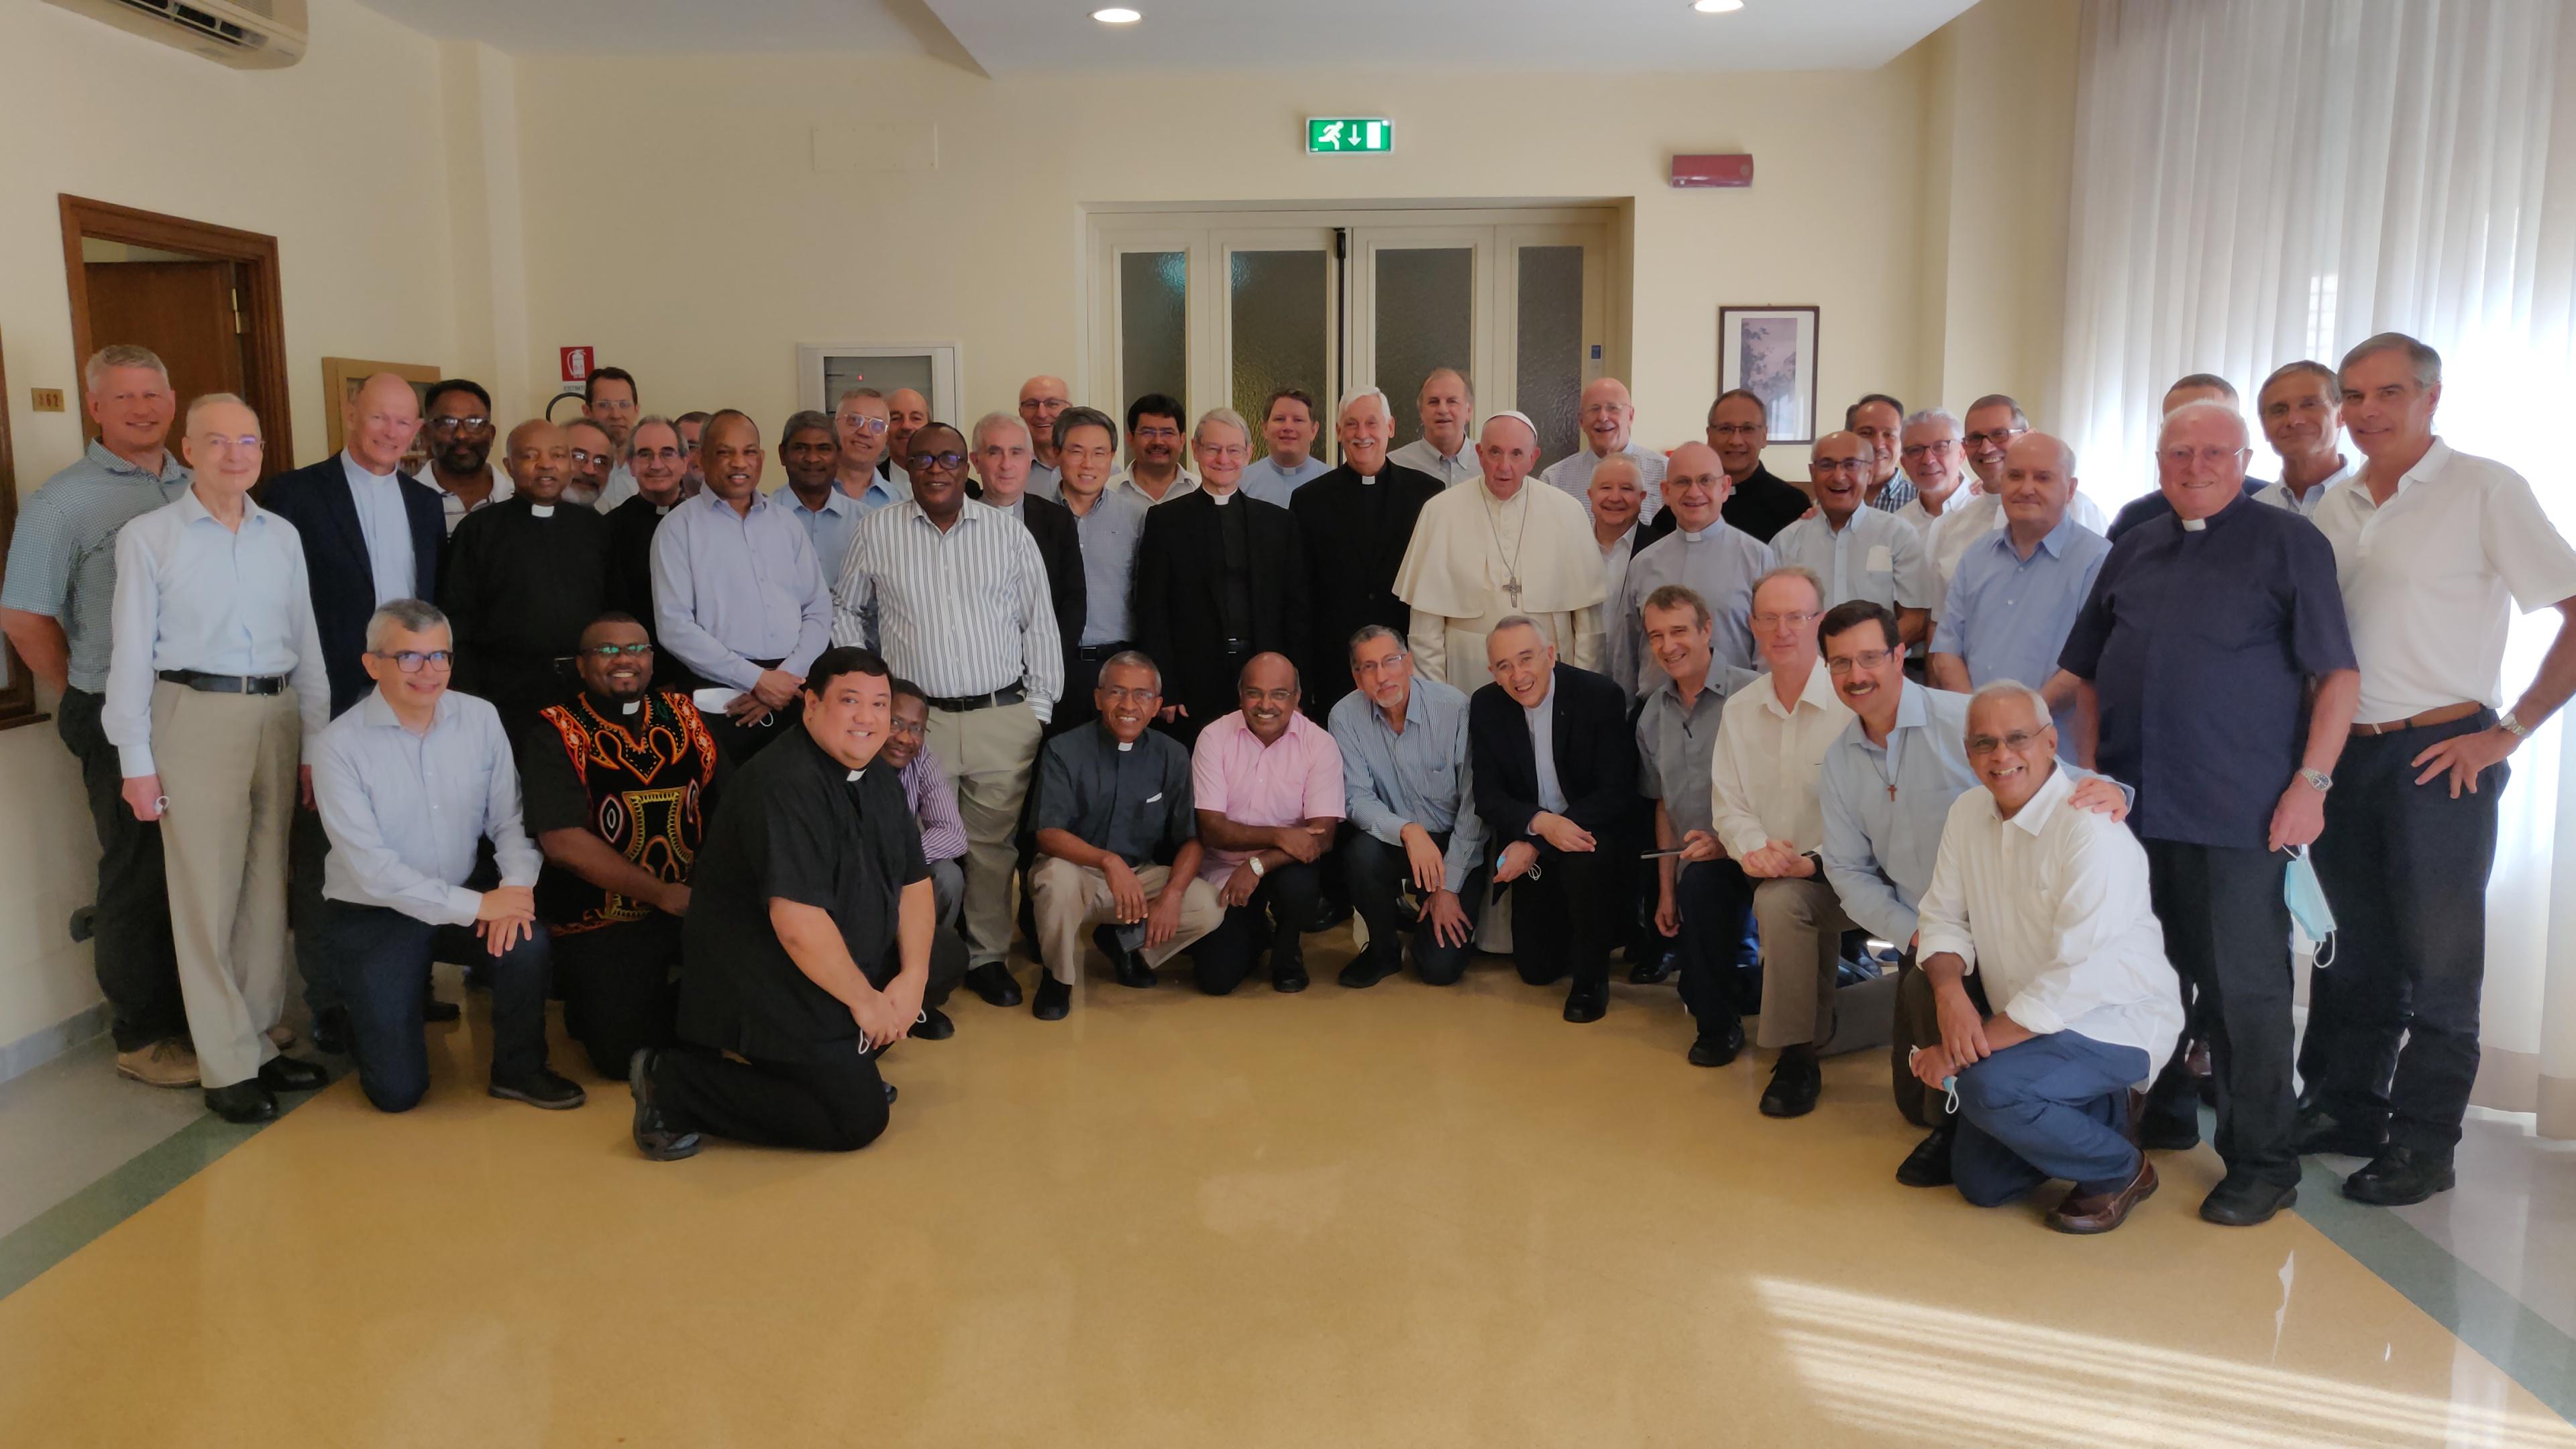 Le p. Arturo Sosa accueille le pape François ©Twitter @JesuitsGlobal